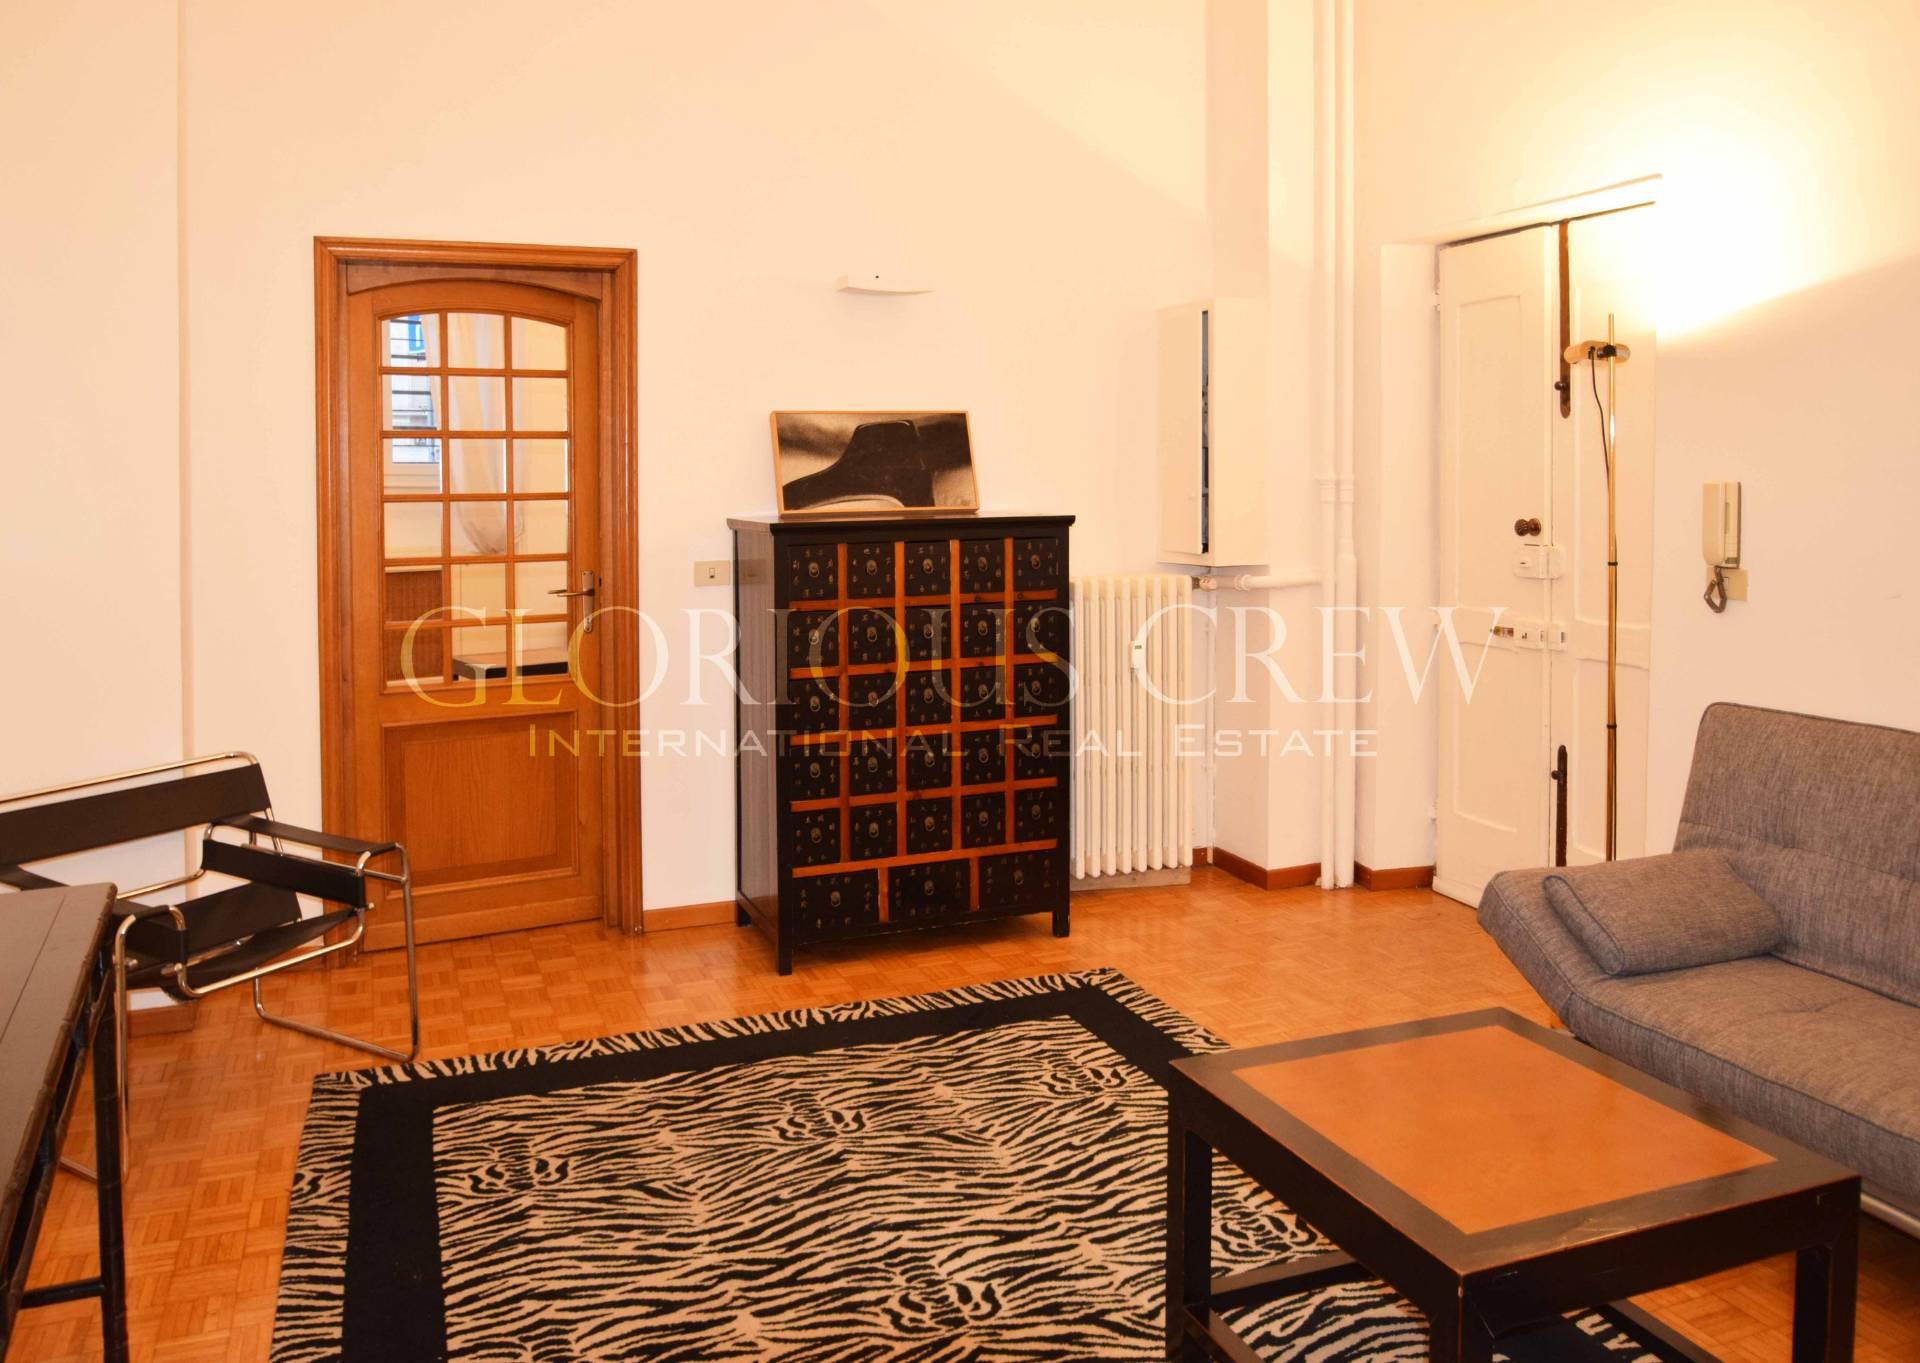 Appartamento in Vendita a Milano 01 Centro storico (Cerchia dei Navigli):  2 locali, 65 mq  - Foto 1